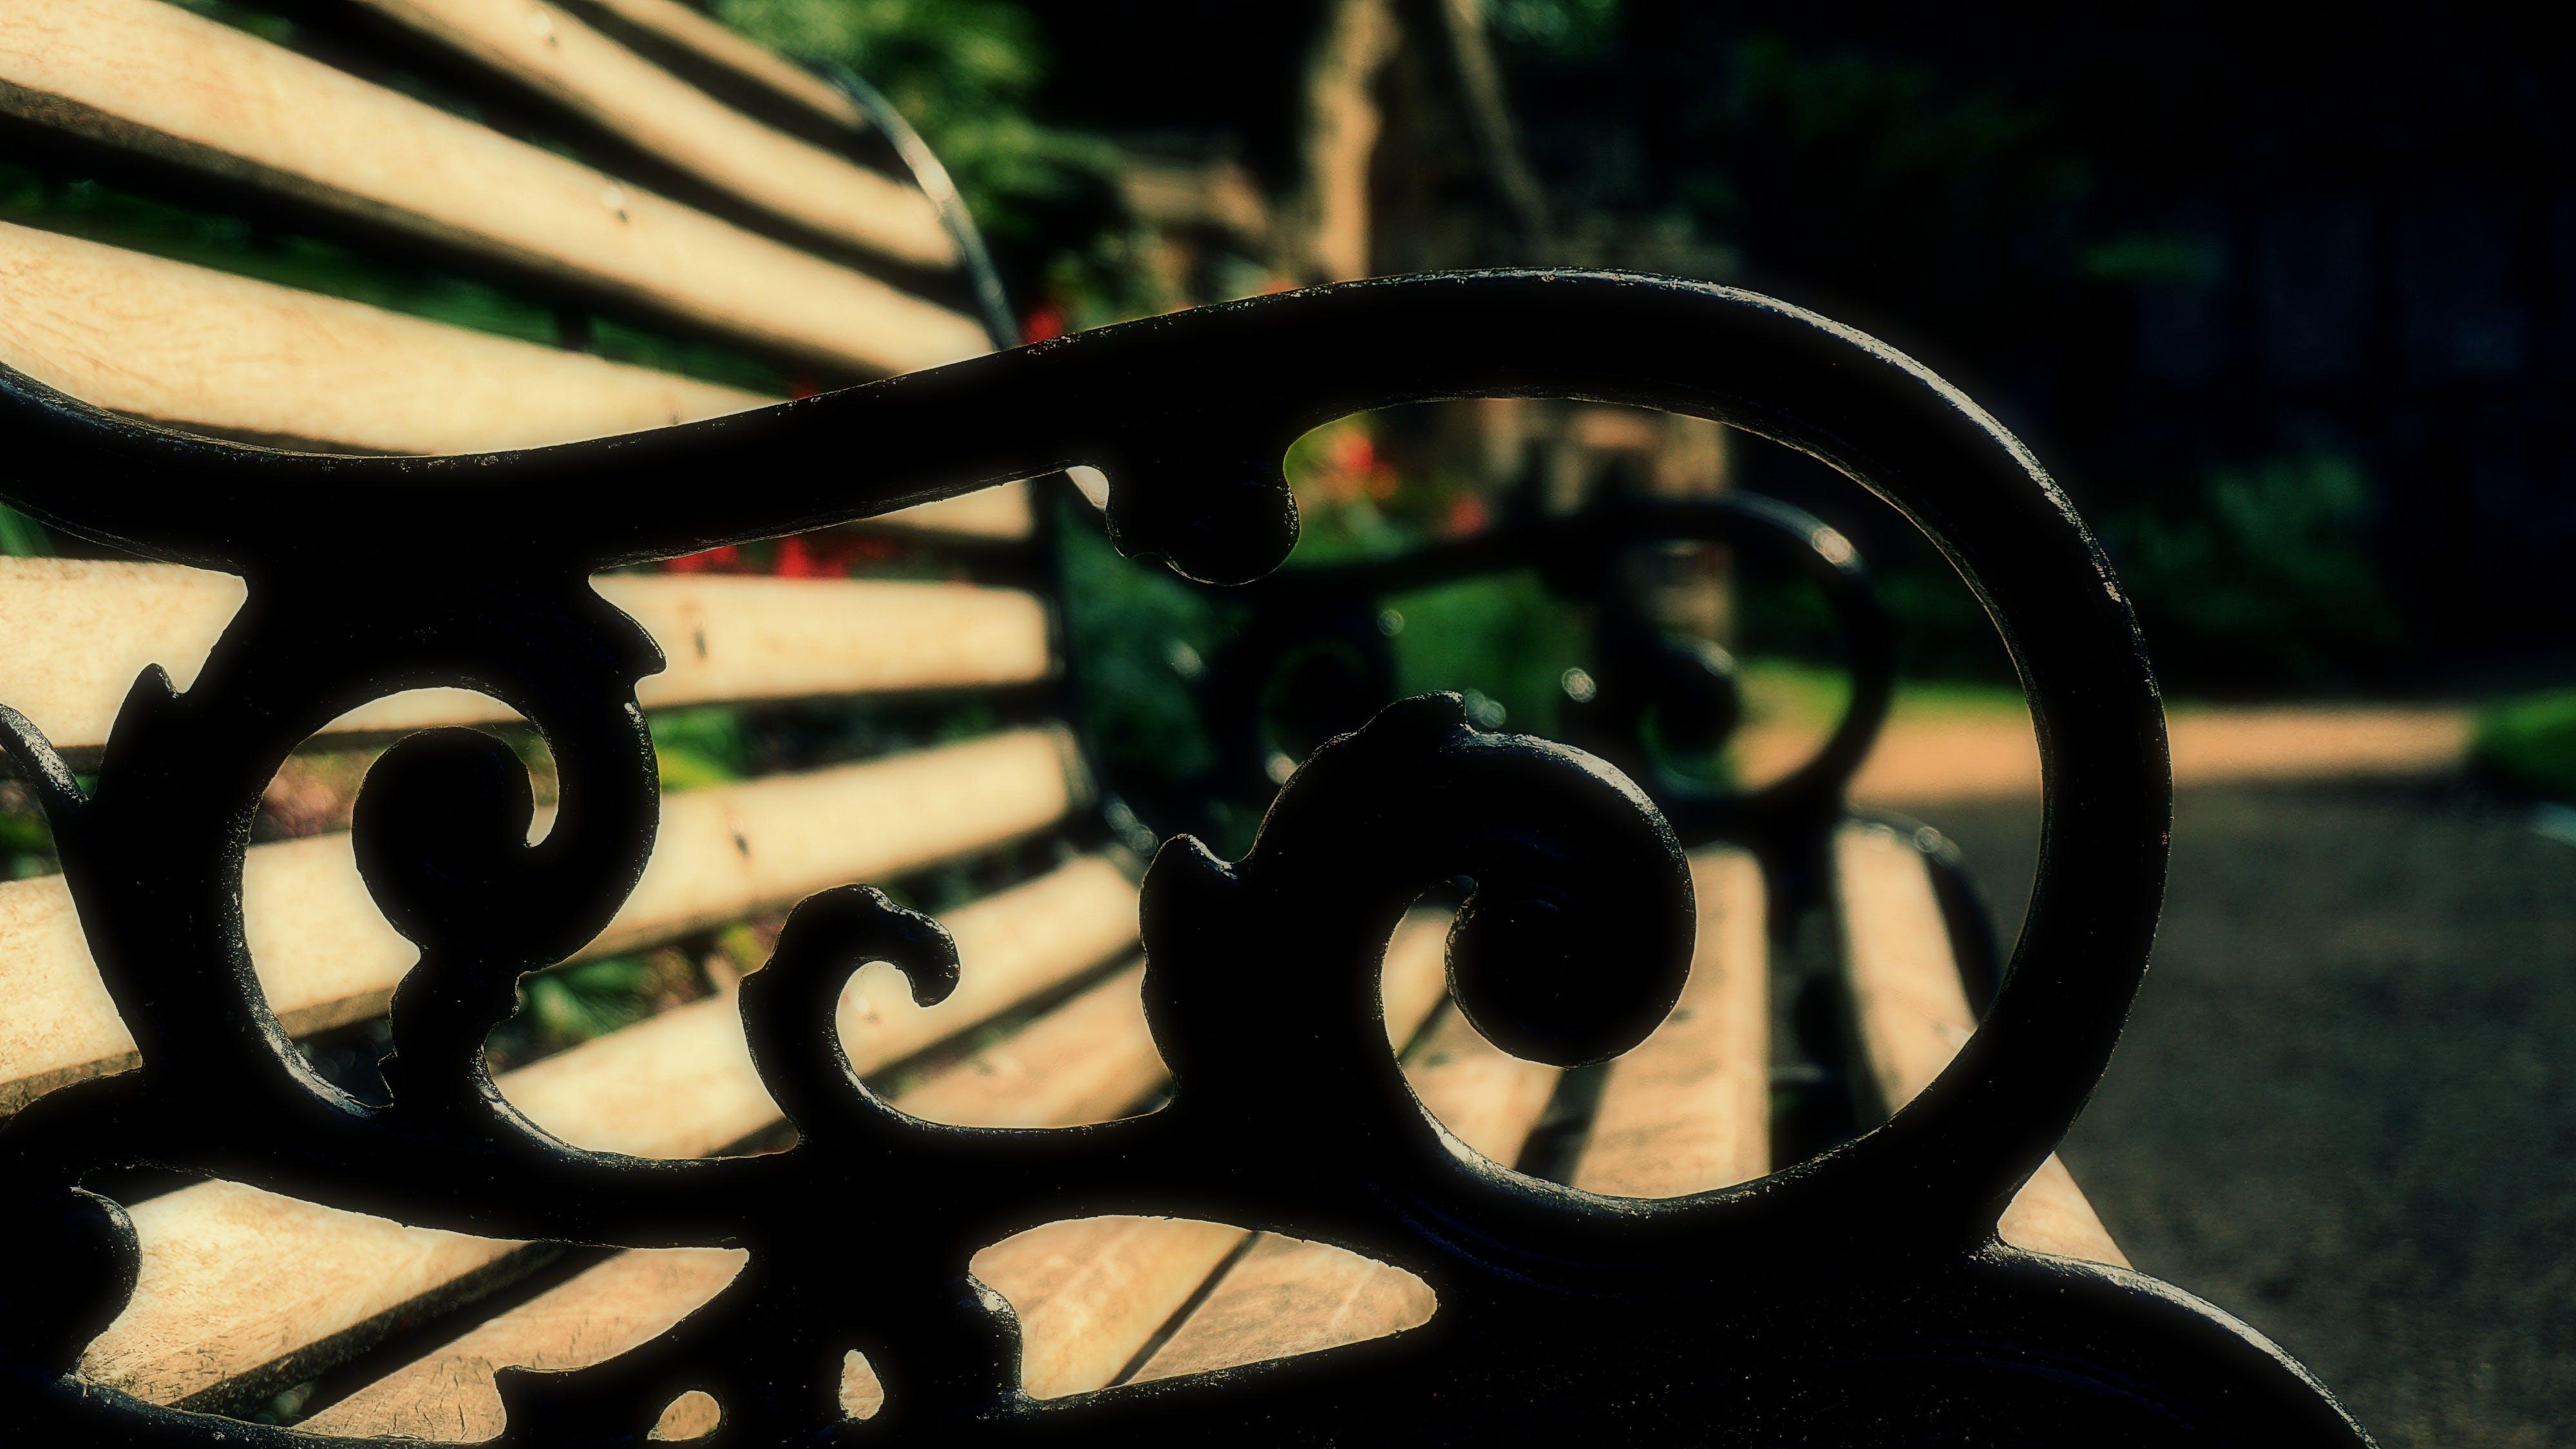 Free stock photo of bench, close up, garden, garden path